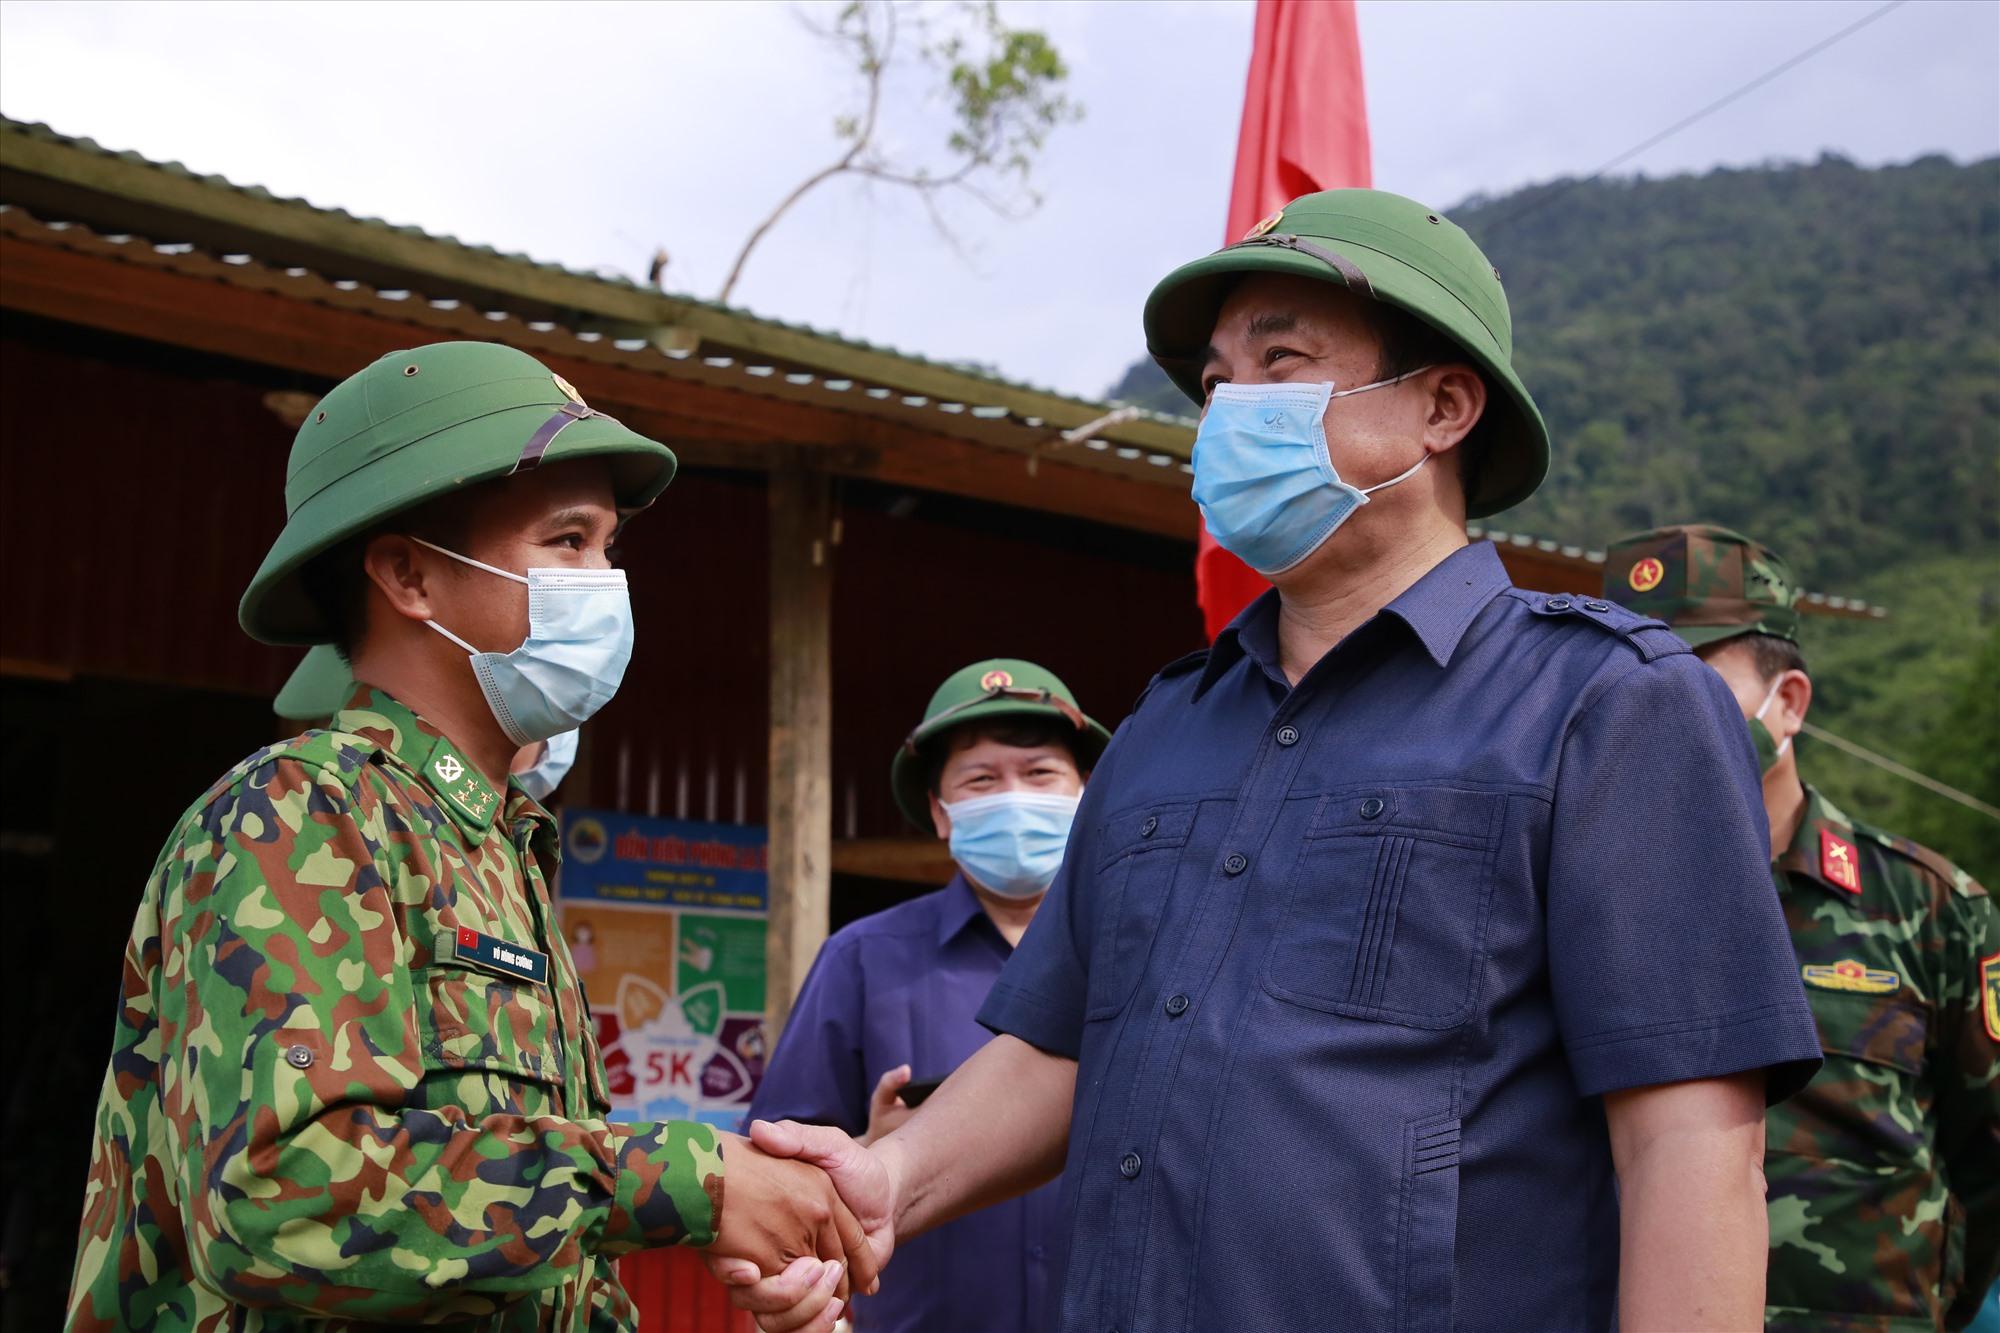 Đồng chí Phan Việt Cường động viên cán bộ, chiến sĩ yên tâm bám chốt, nỗ lực hoàn thành xuất sắc nhiệm vụ nơi tuyến đầu. Ảnh: T.C